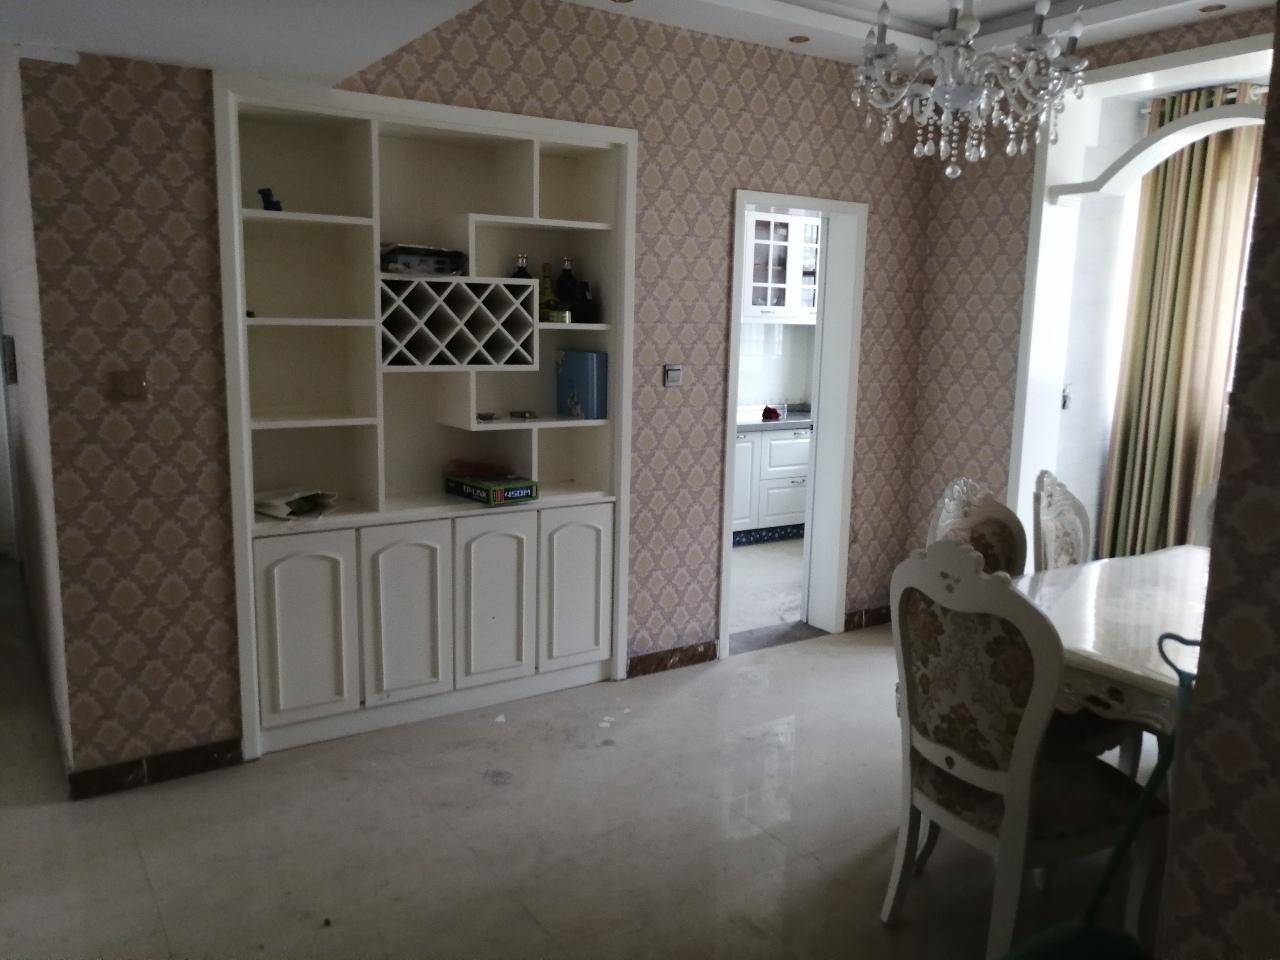 梦想家园3室2厅2卫79万元